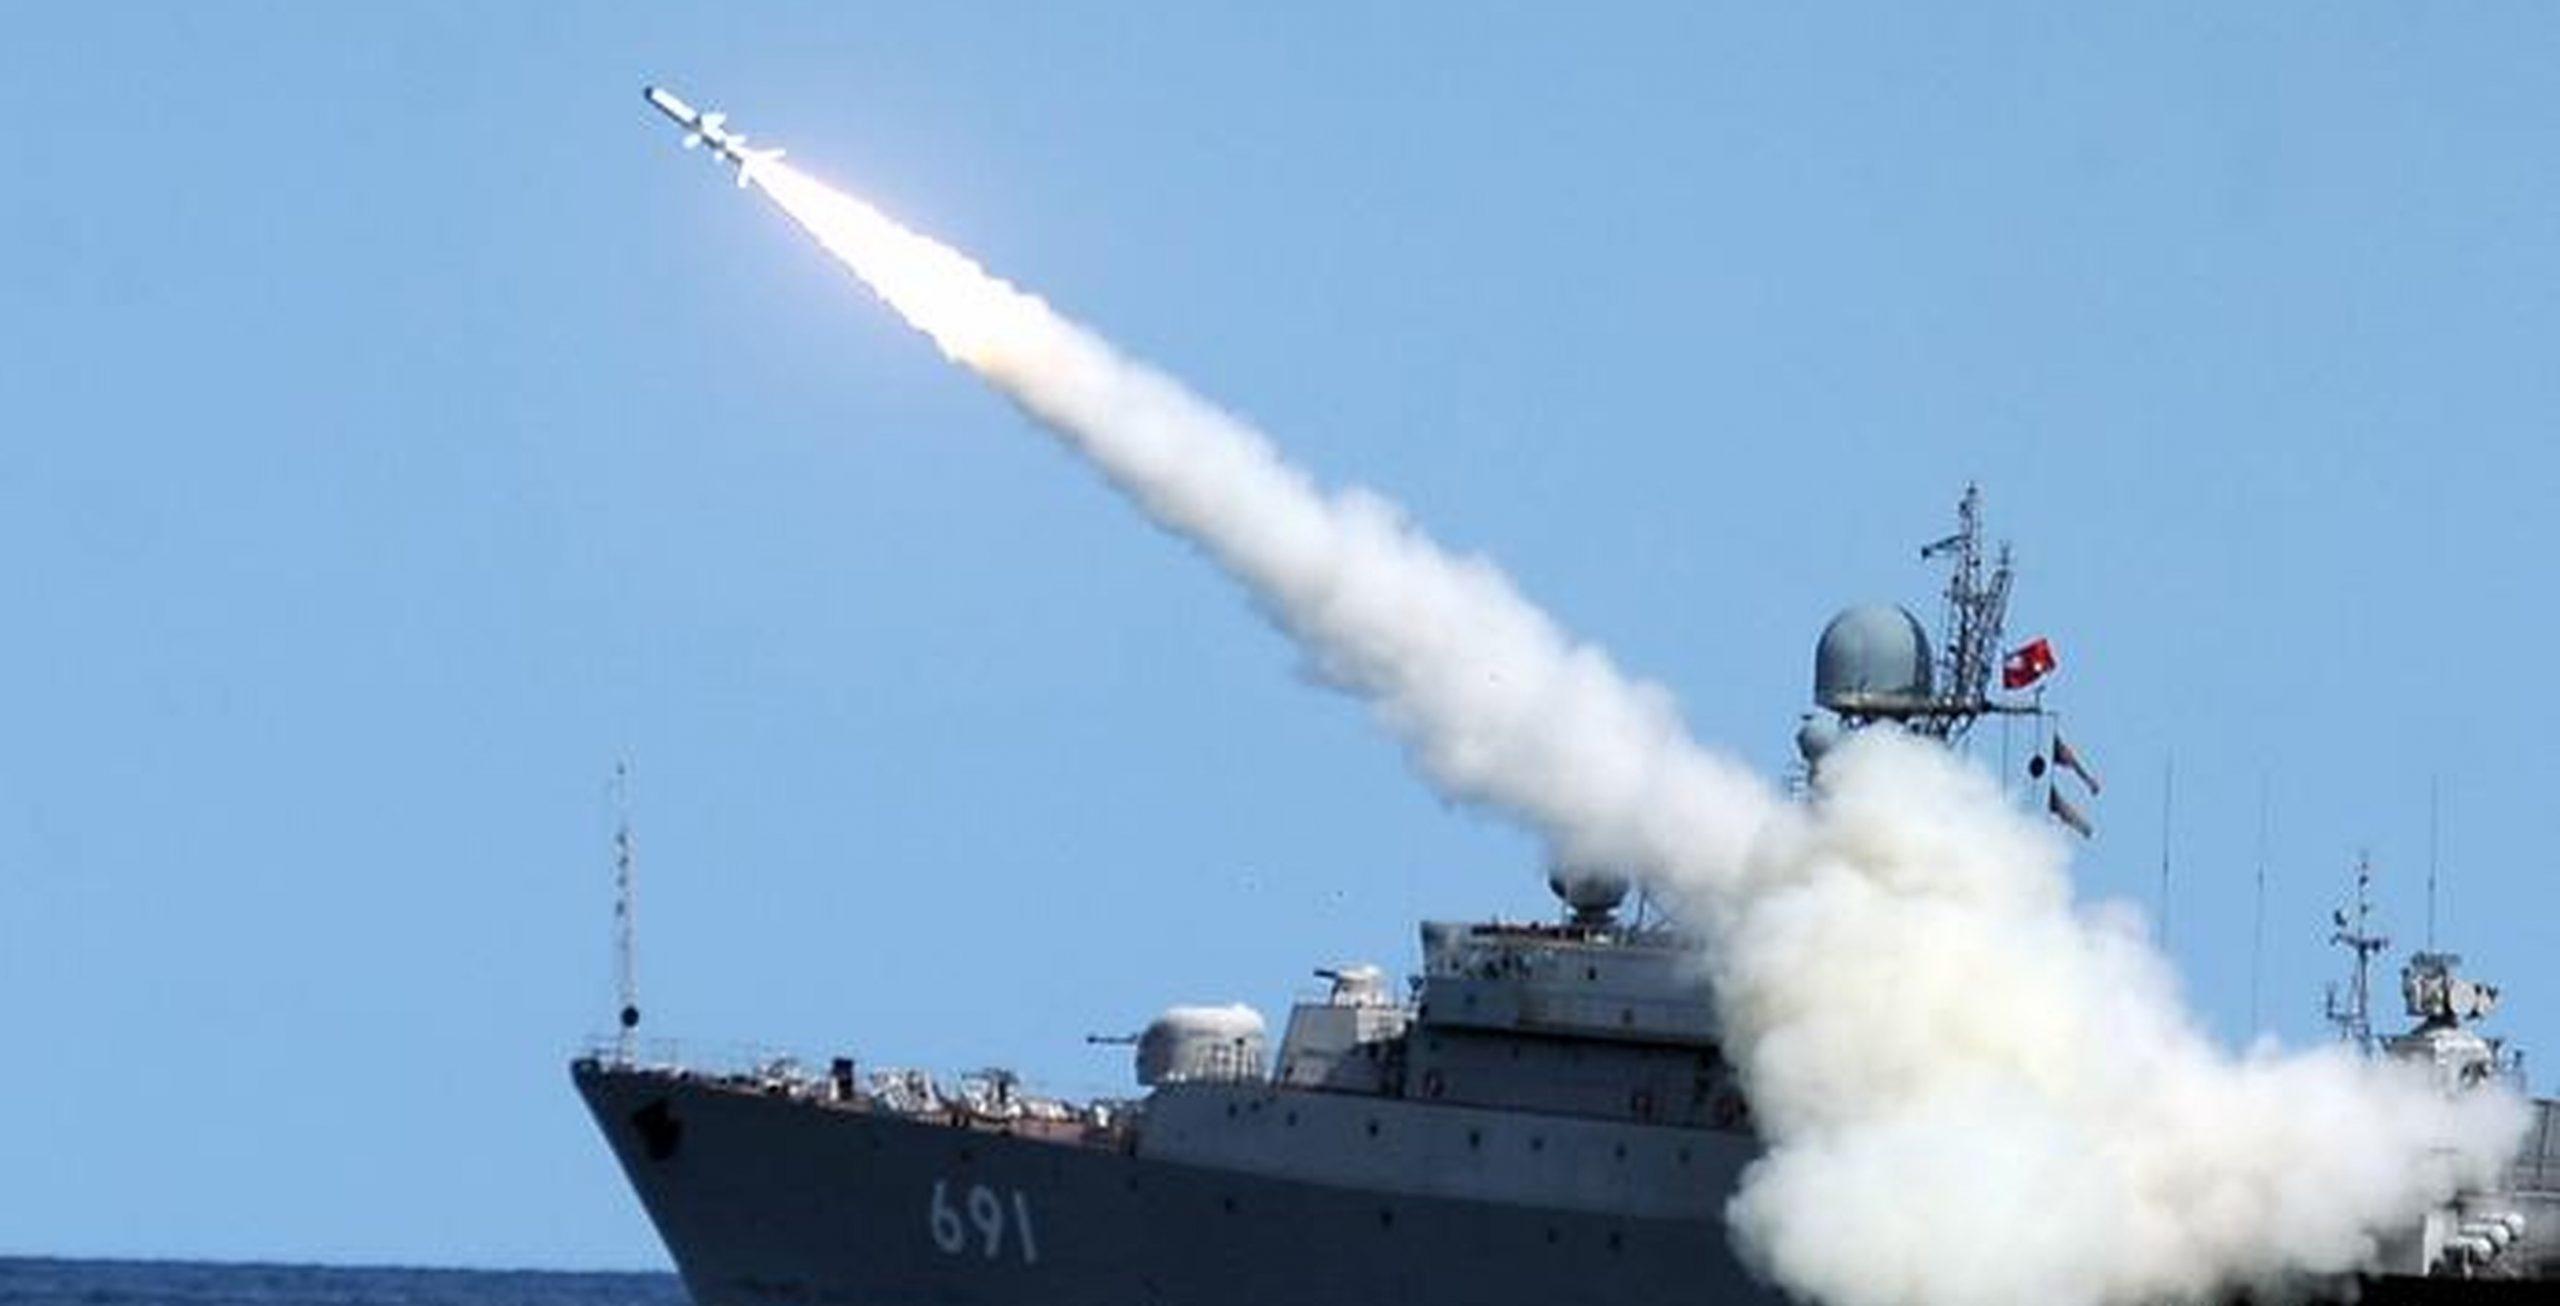 VIDEO| Rusia testează cu succes racheta hipersonică Zircon: De 9 ori mai rapidă decât viteza sunetului, atinge orice țintă din lume și trece de scuturile americane